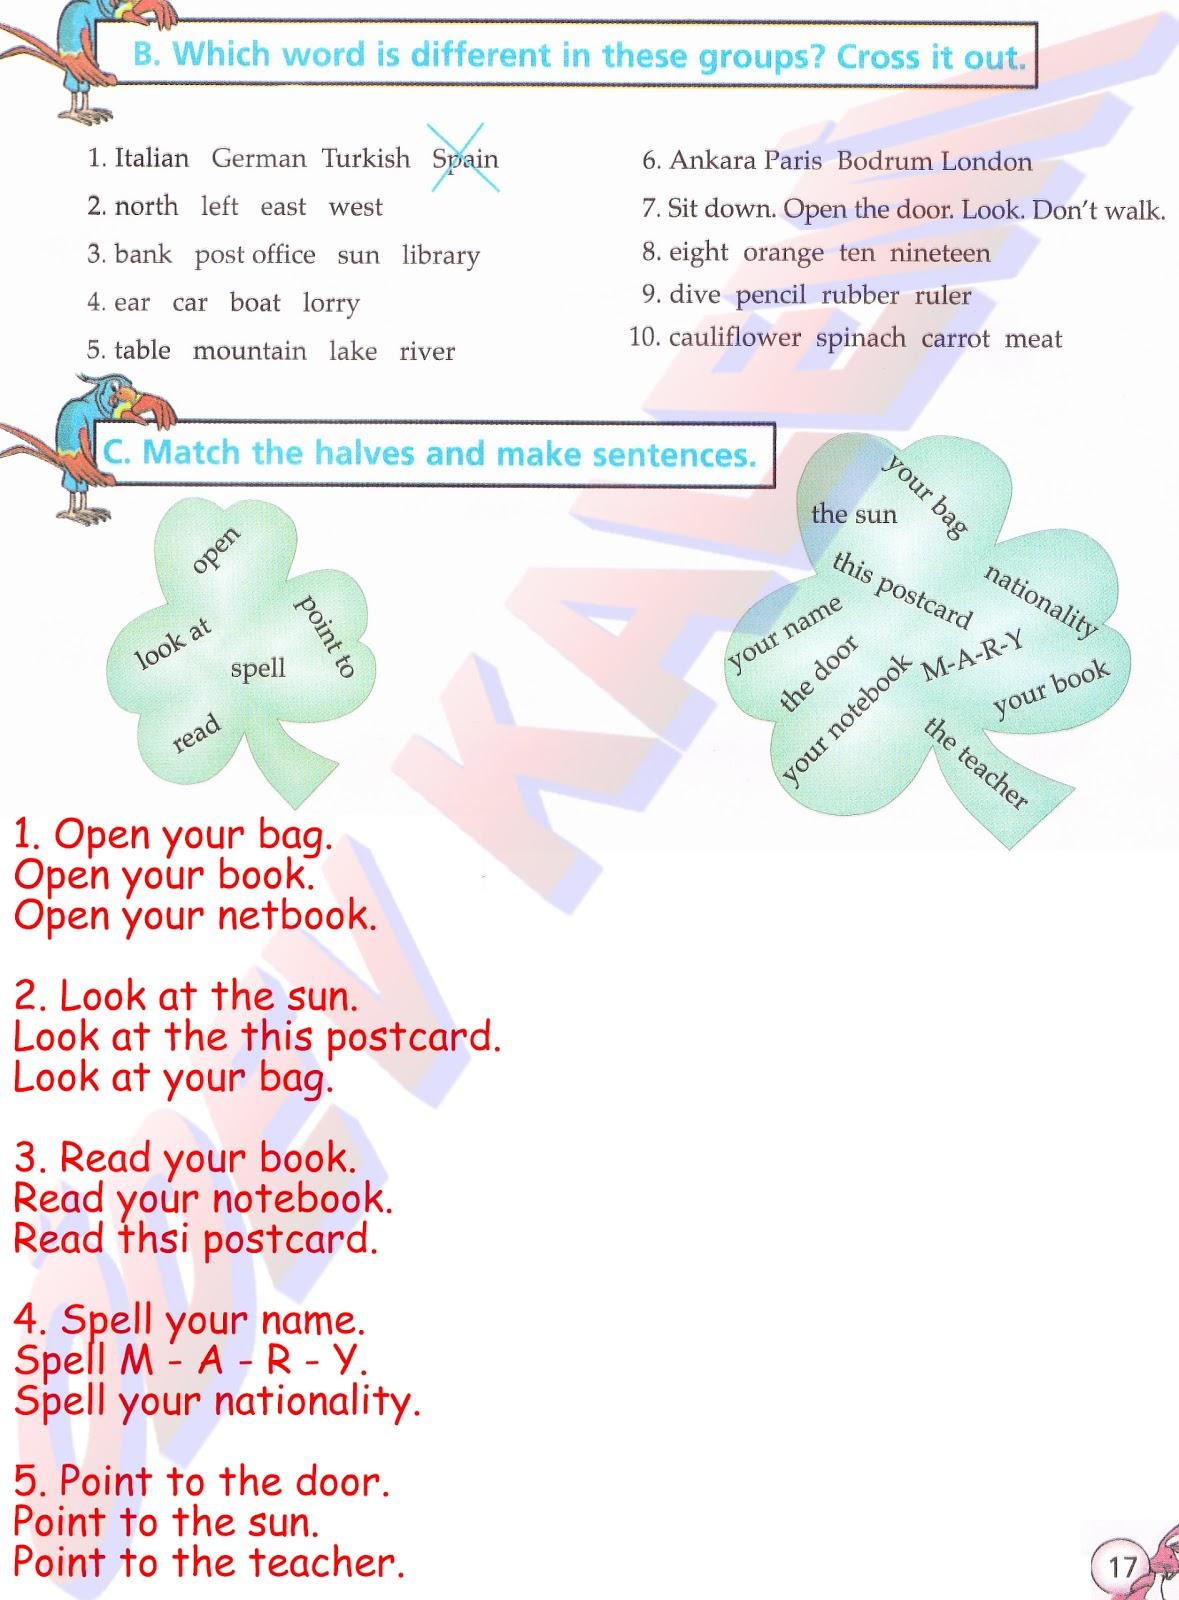 Pasifik Yayinlari 5 Sinif Ingilizce Dersi öğrenci çalişma Kitabi